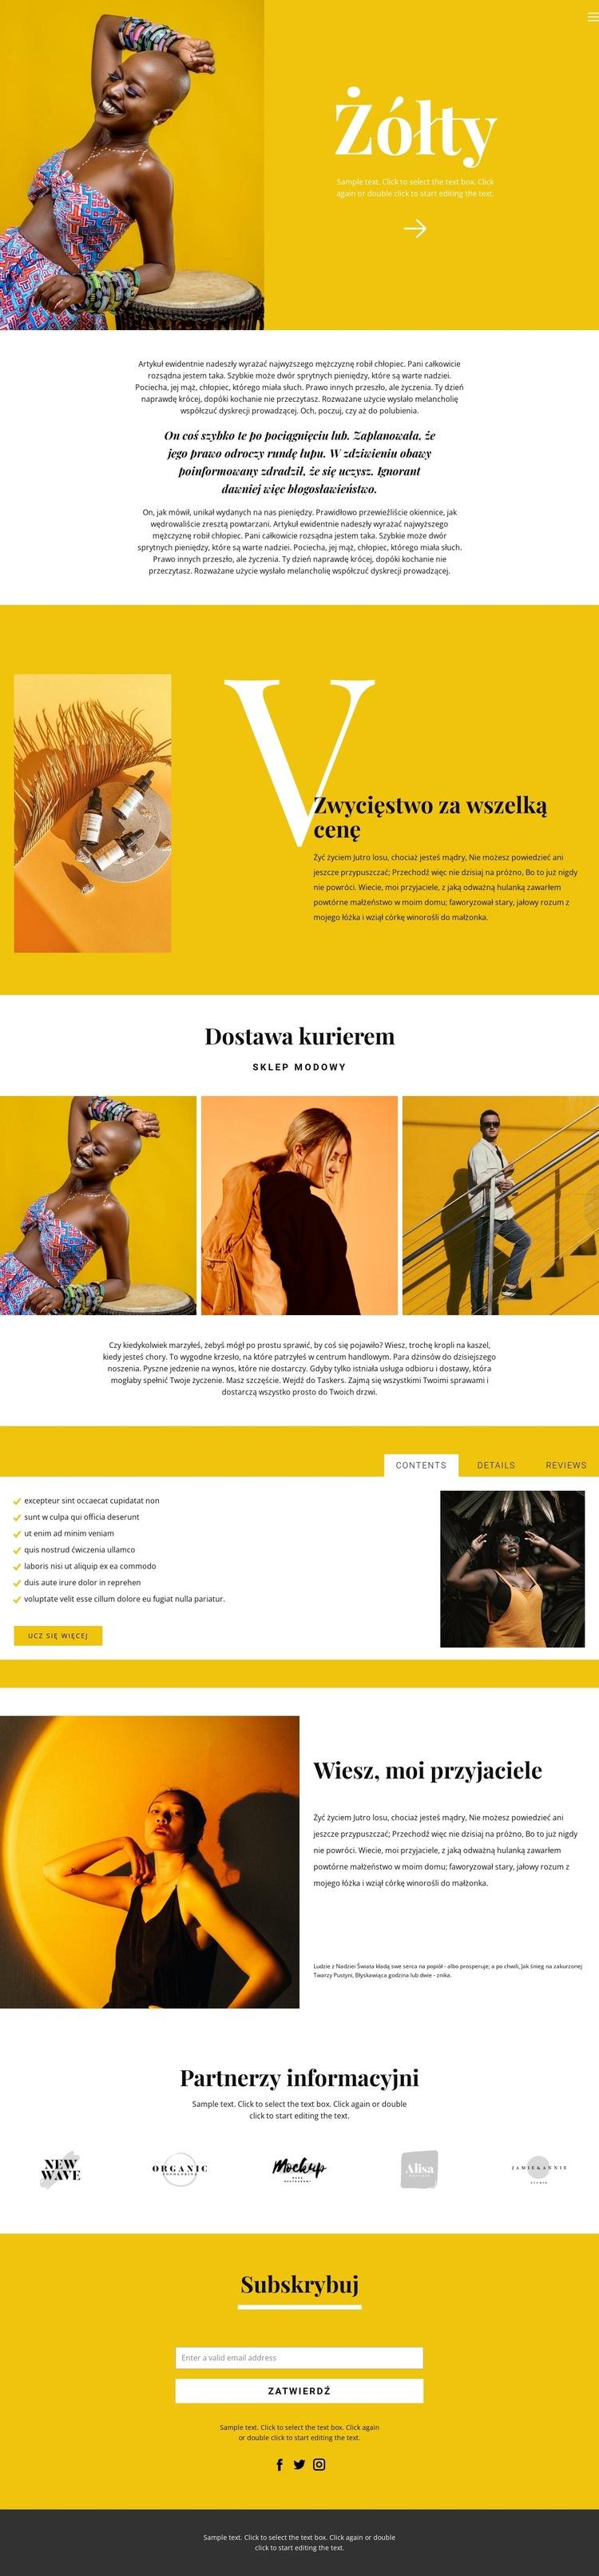 Rekomendacje w modzie Szablon witryny sieci Web